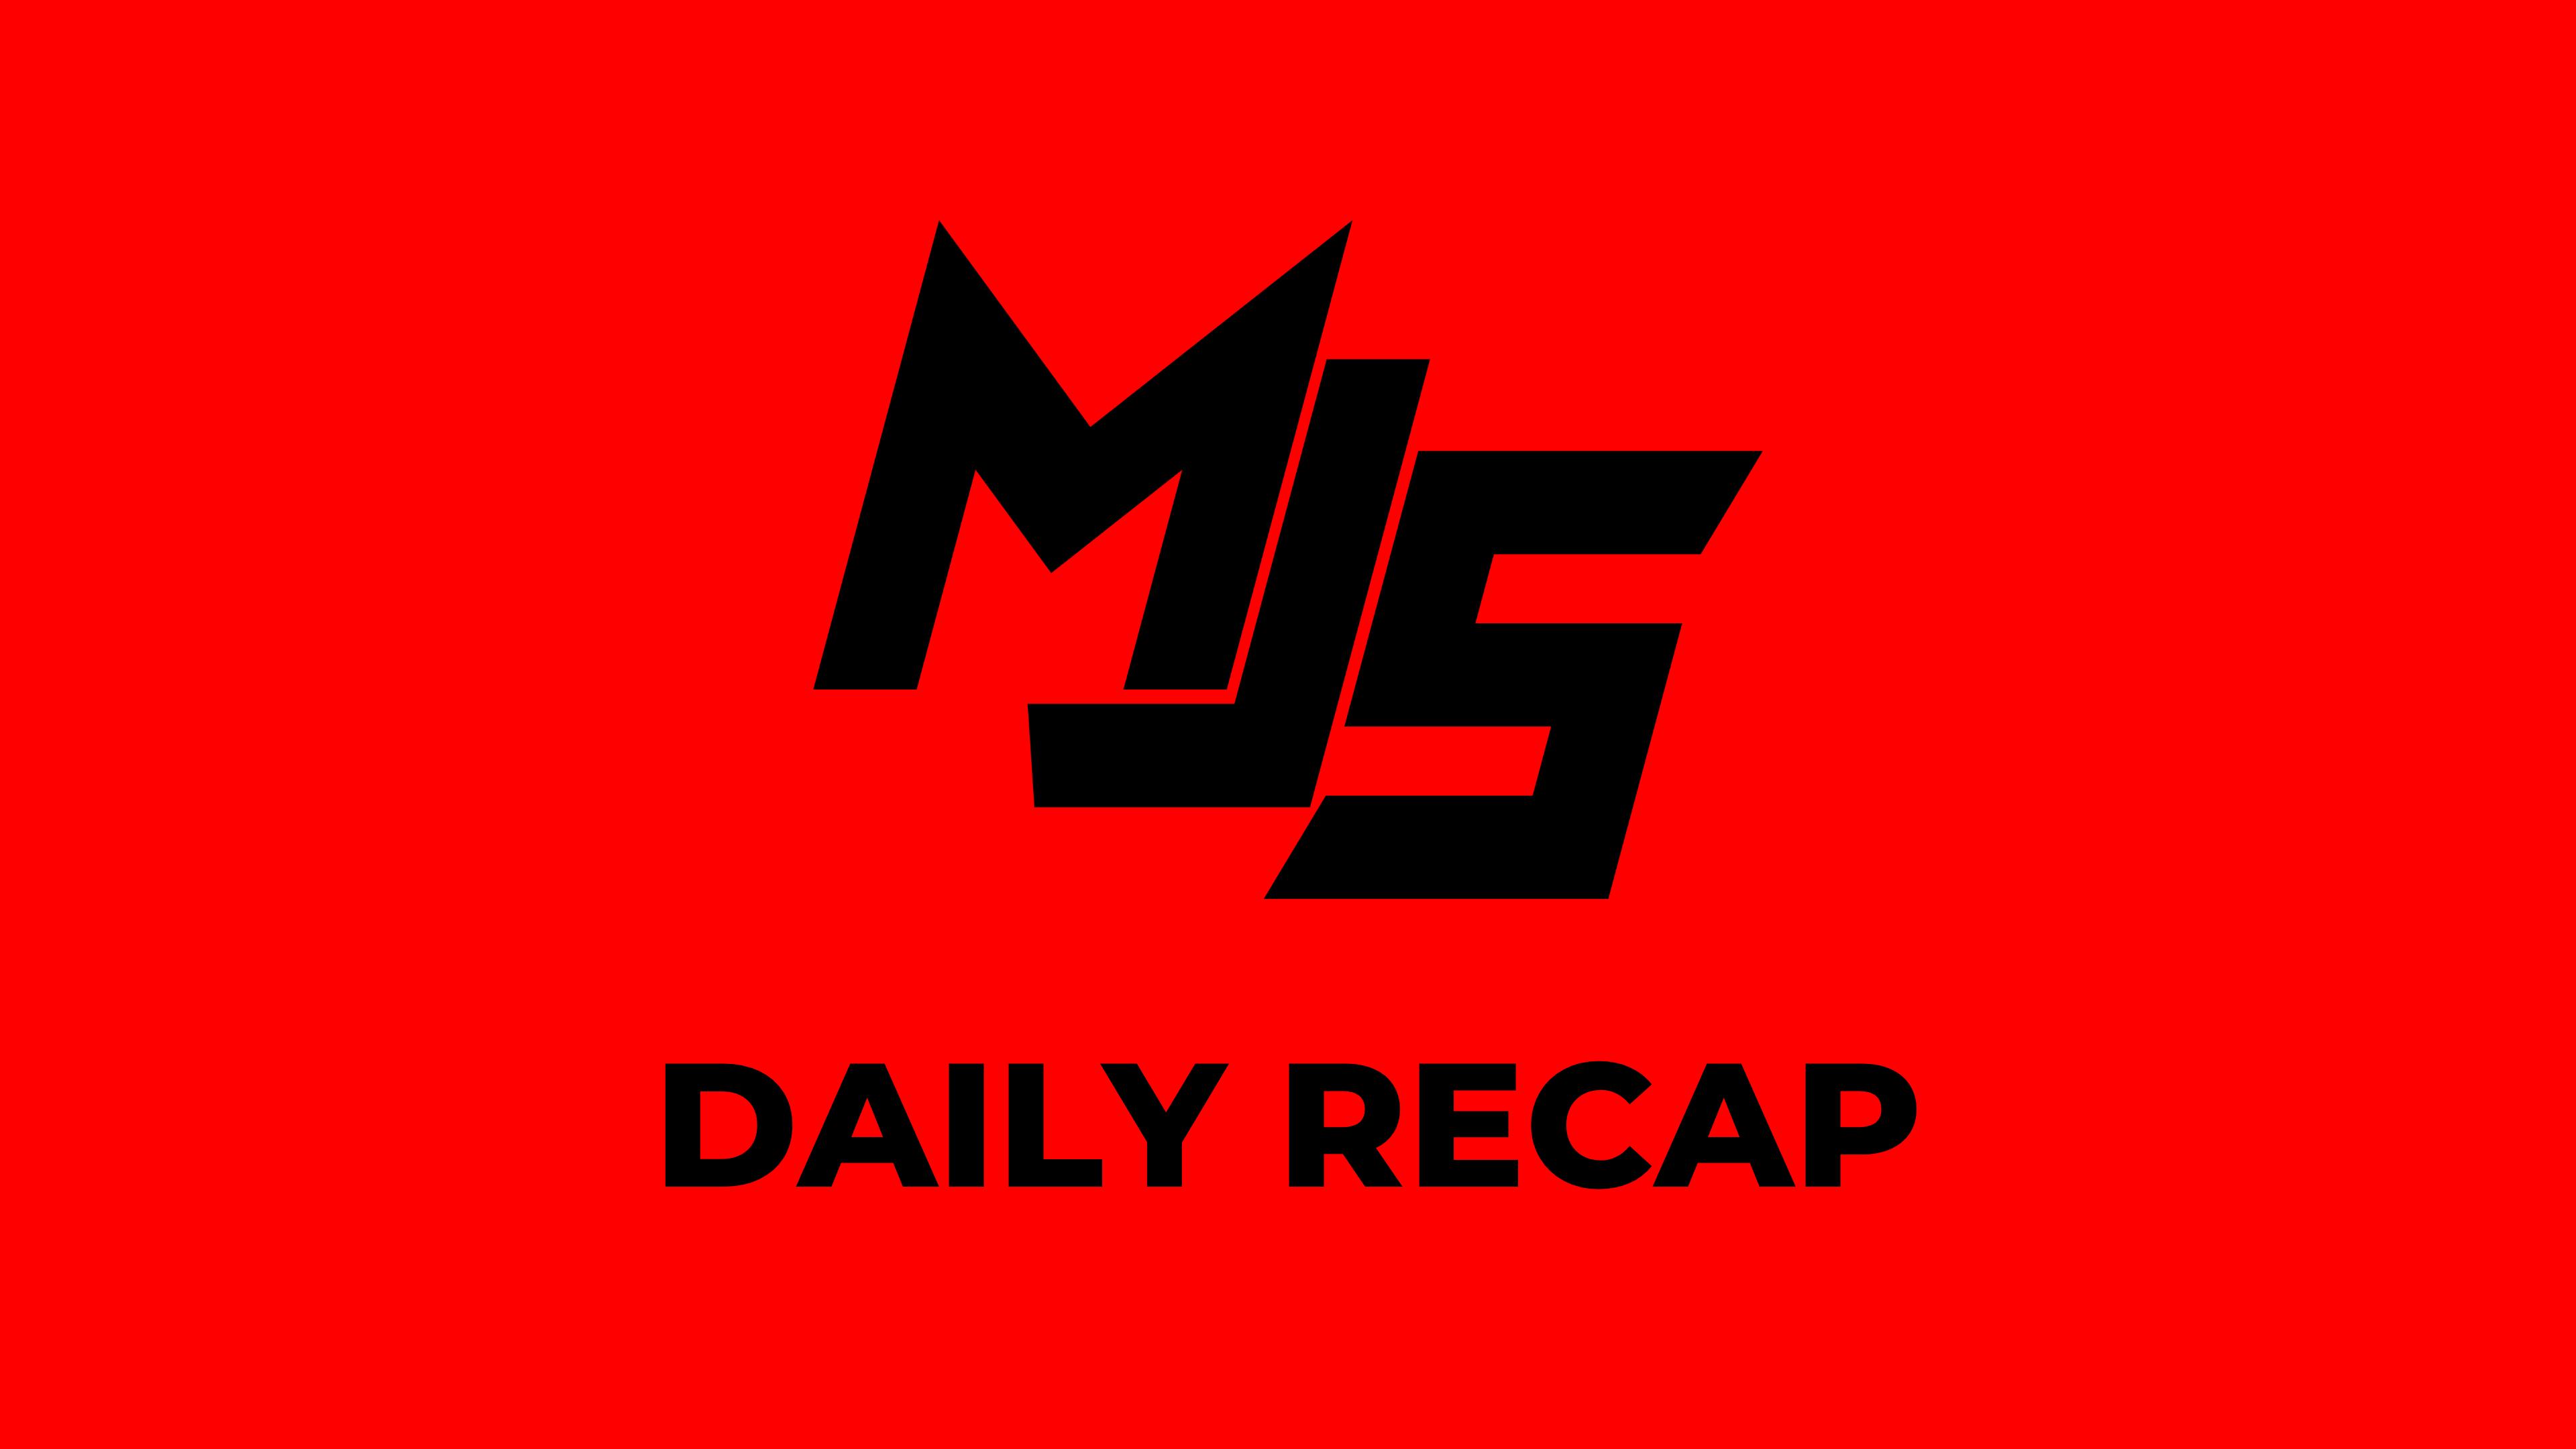 MJS Daily Recap